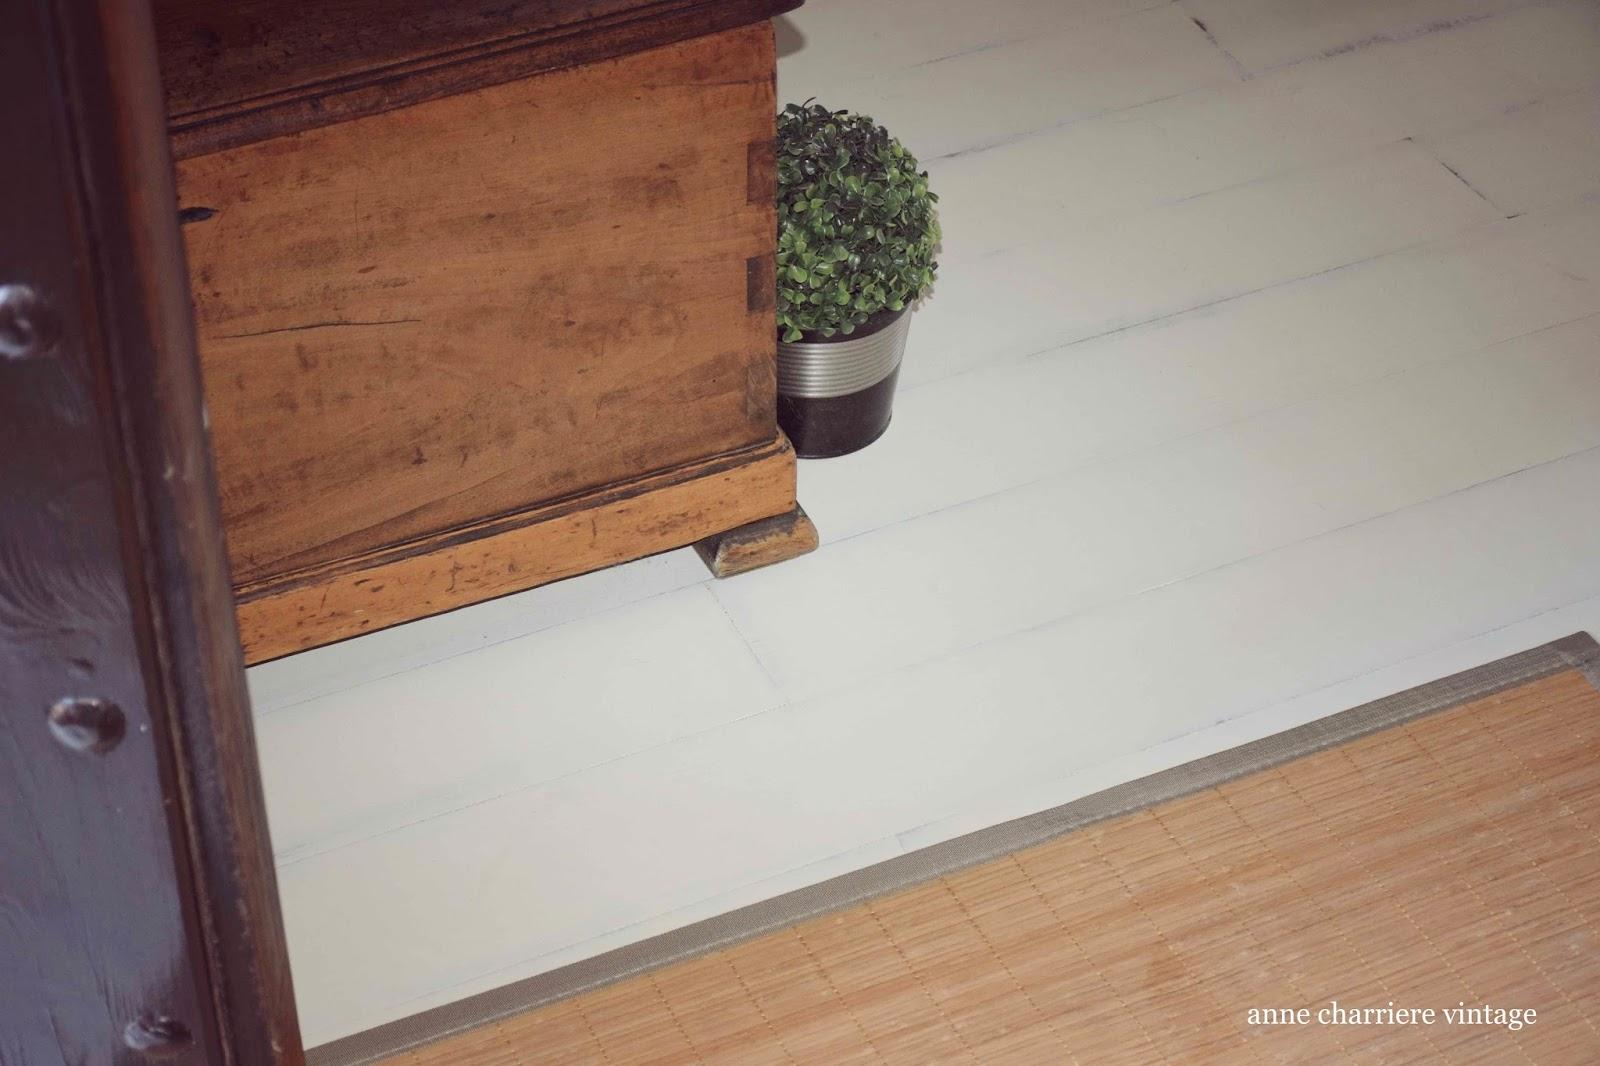 www.annecharriere.com, anne charriere vintage, pintar suelo madera,